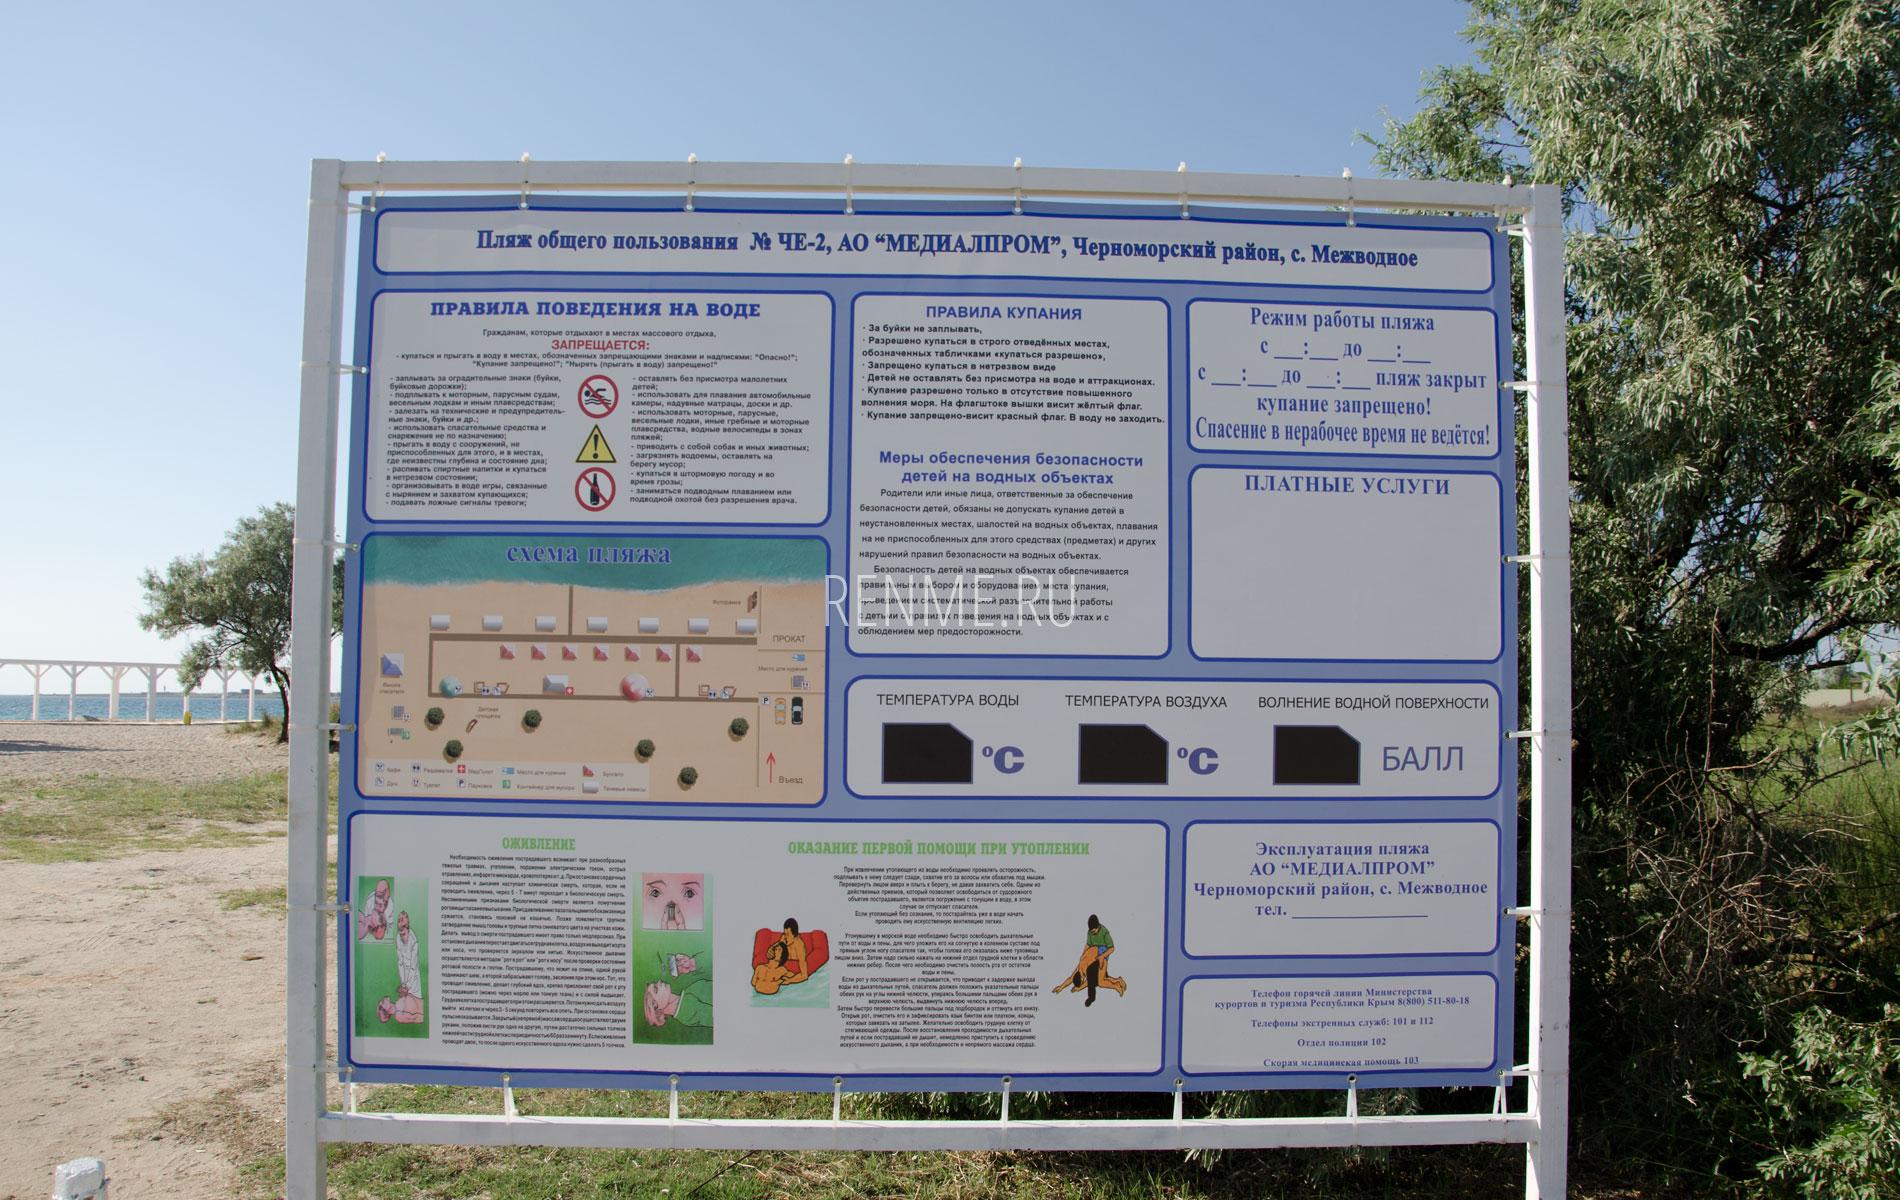 Пляж общего пользования Межводного. Фото Межводного